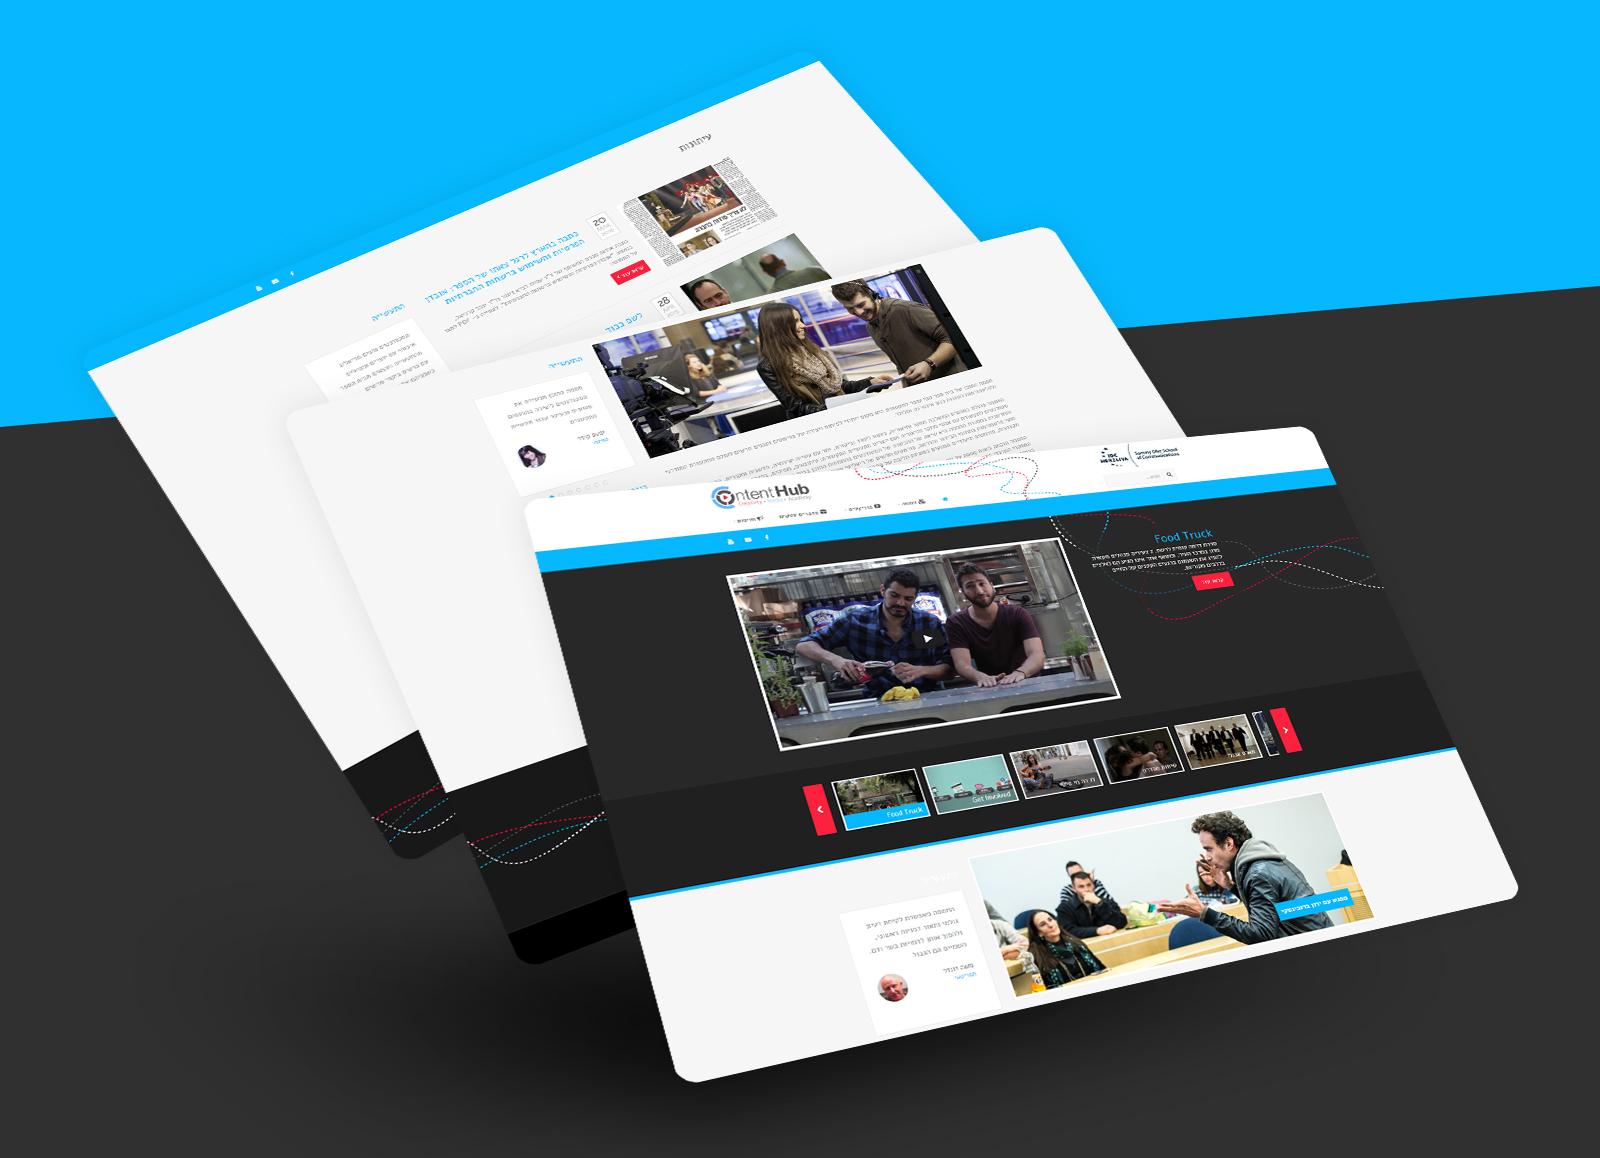 Web design content hub Herzeliya עיצוב אתר חממת התוכן הבינתחומי הרצליה